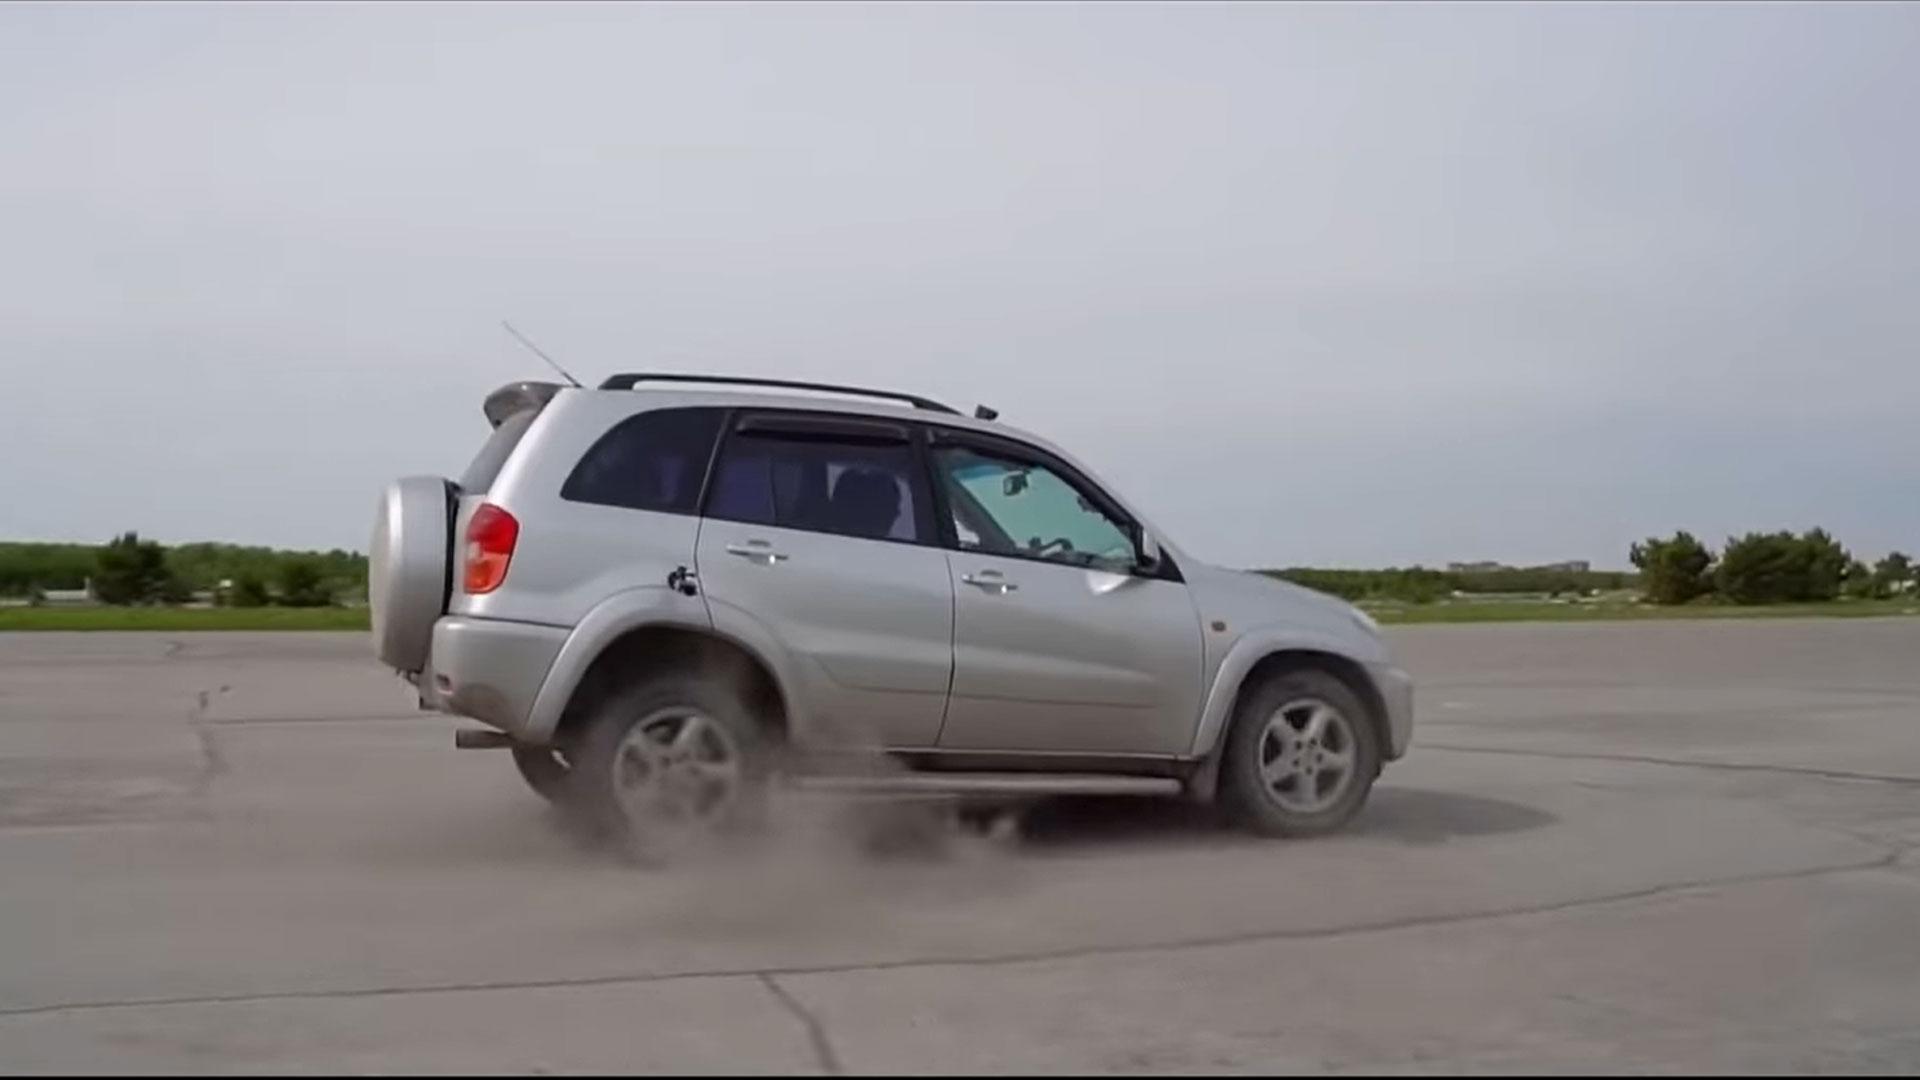 Automaat in z'n achteruit zetten tijdens rijden bij 100 km/u